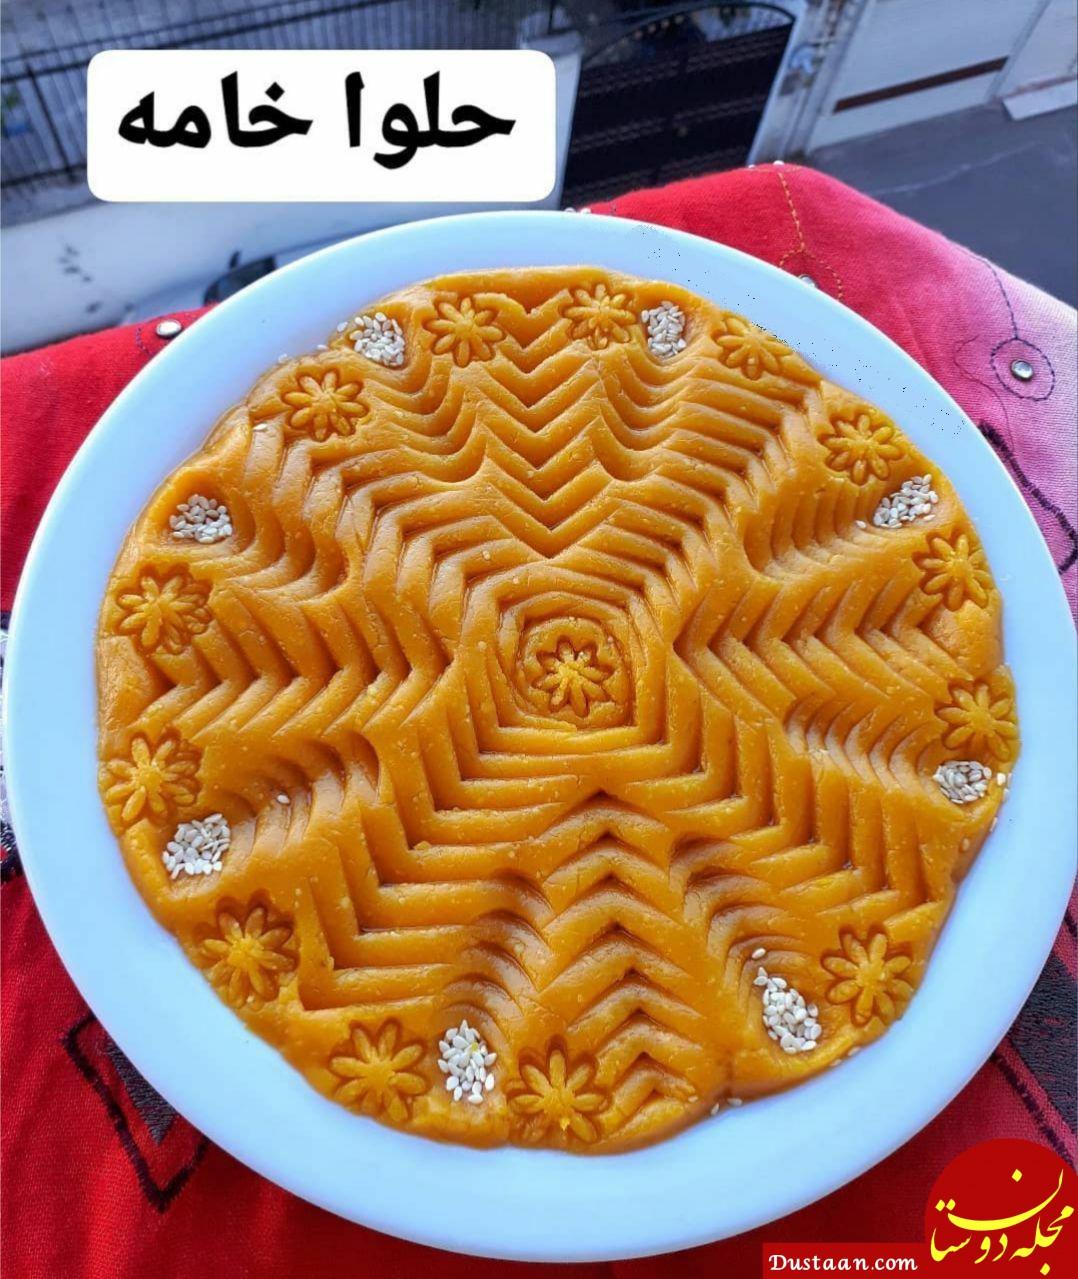 www.dustaan.com طرز تهیه حلوا خامه ، خوشمزه و متفاوت